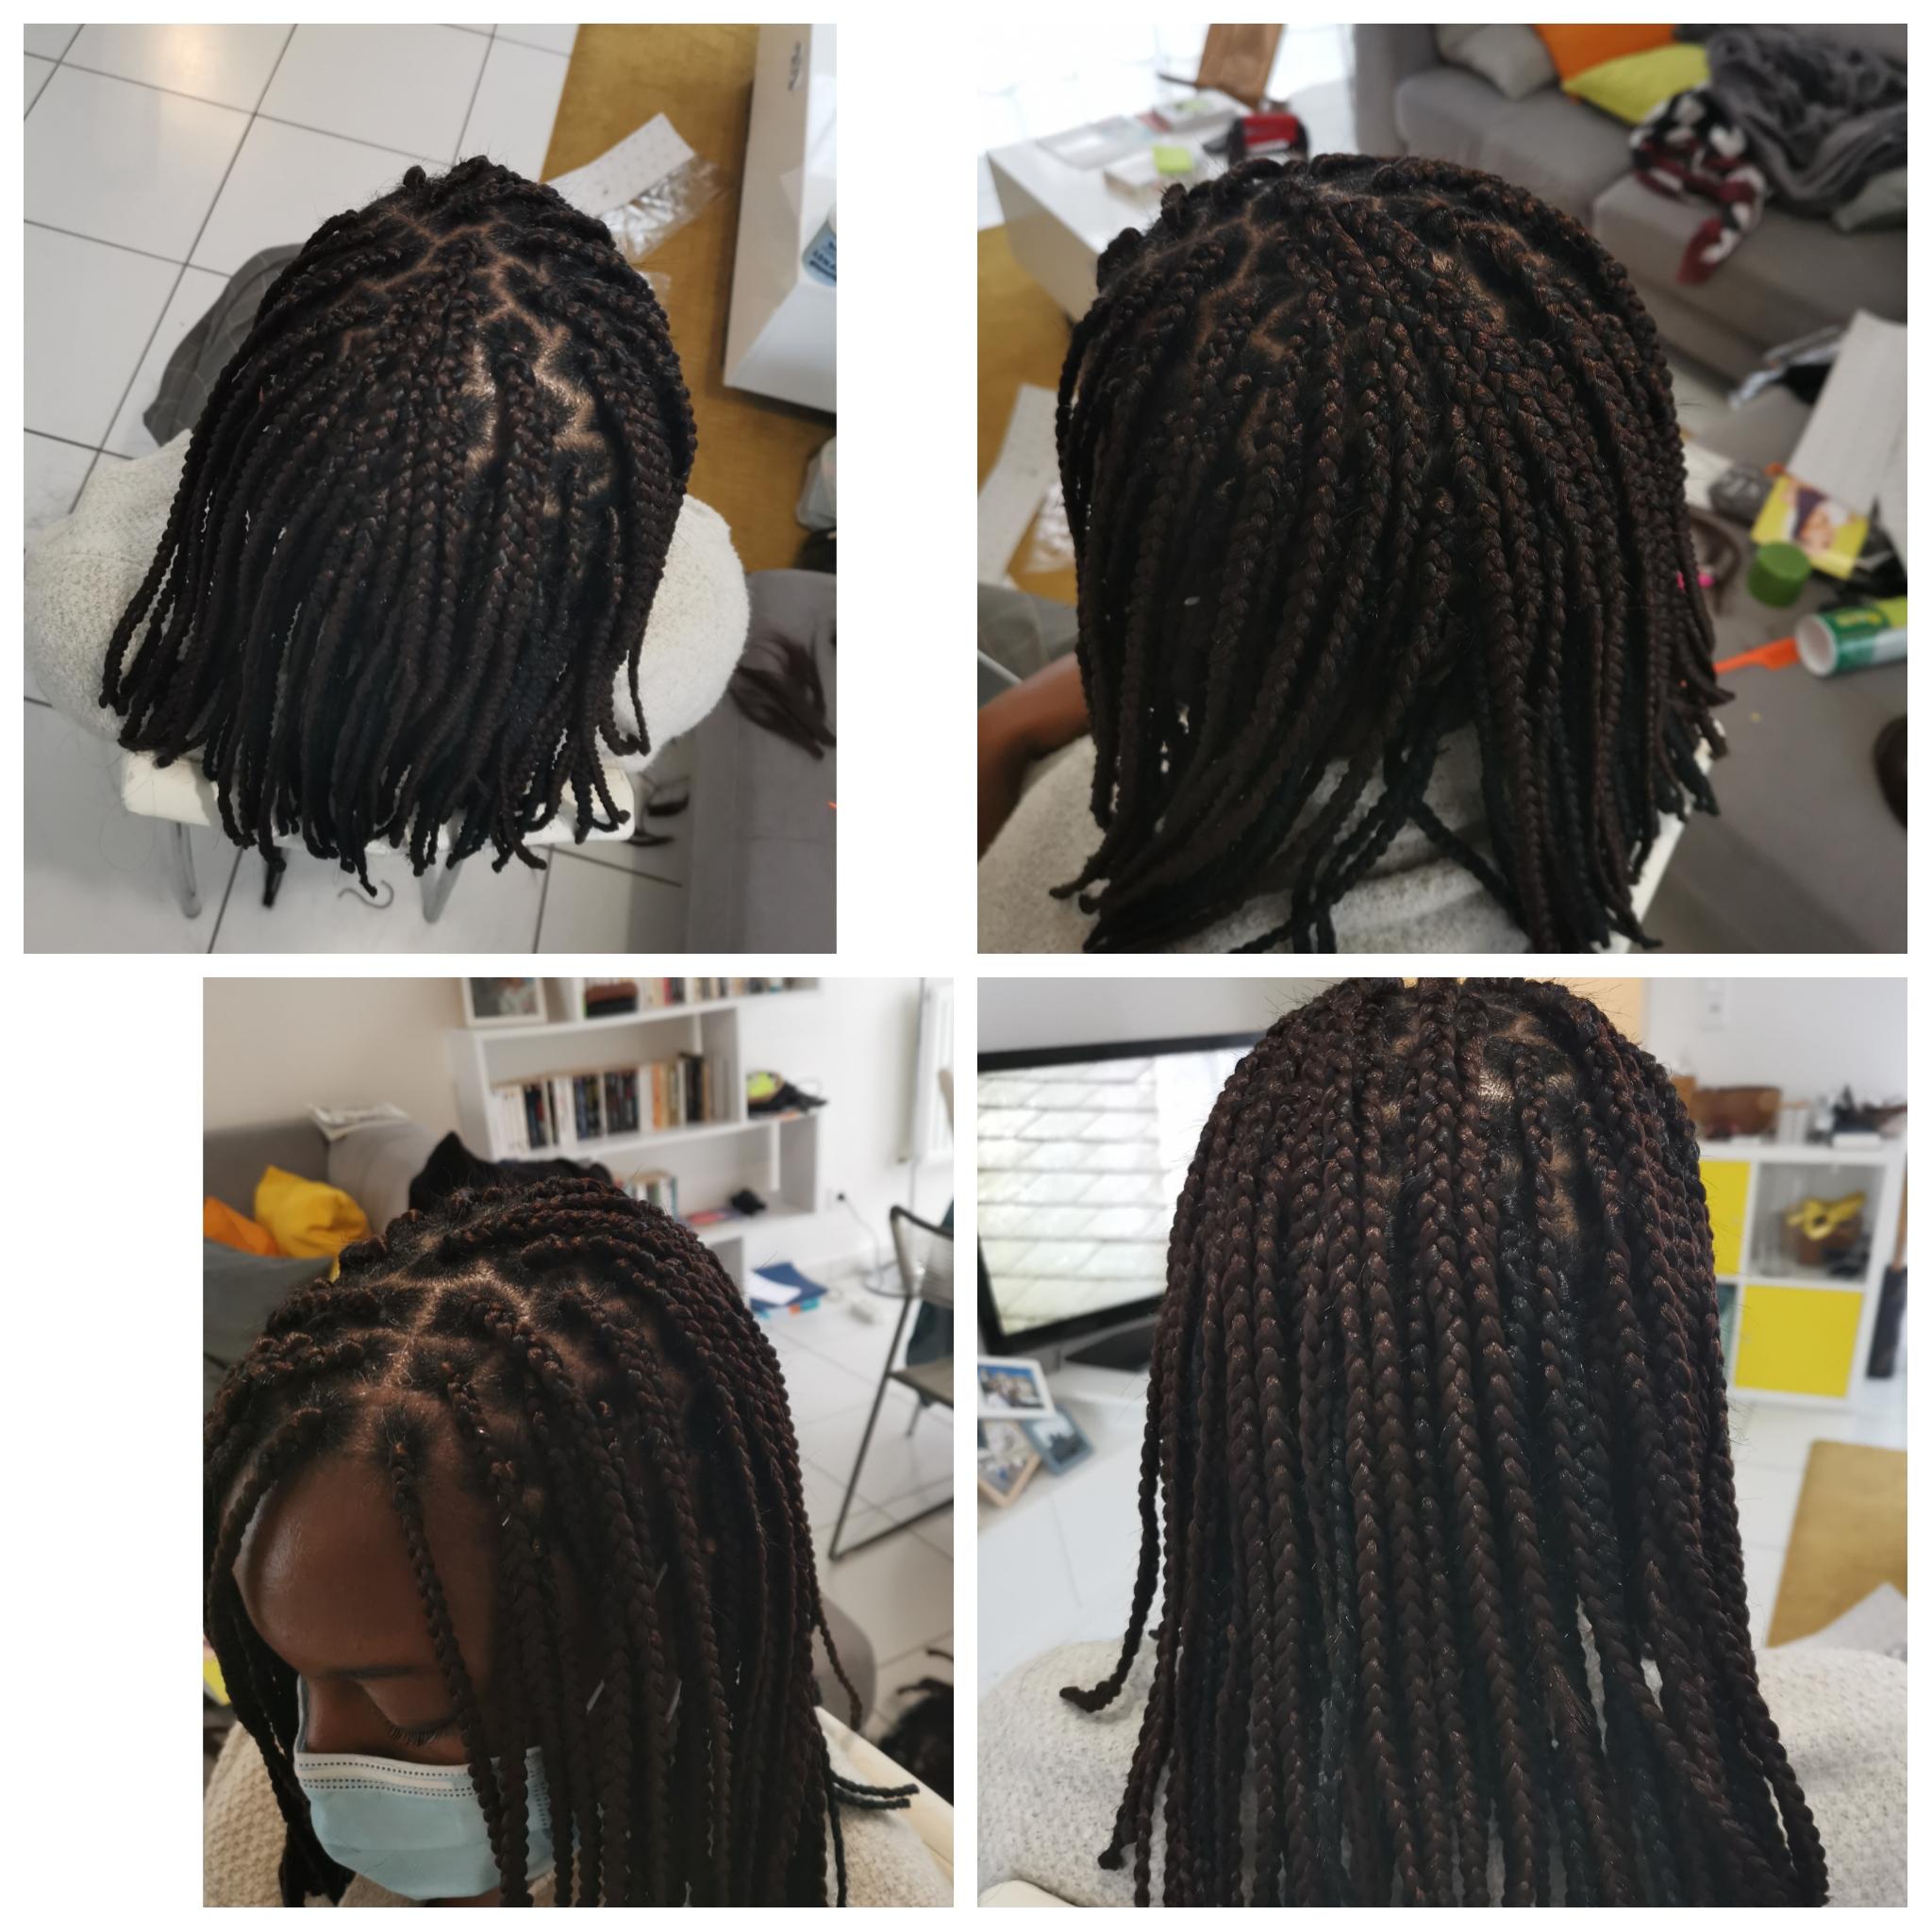 salon de coiffure afro tresse tresses box braids crochet braids vanilles tissages paris 75 77 78 91 92 93 94 95 QGQLWZLP